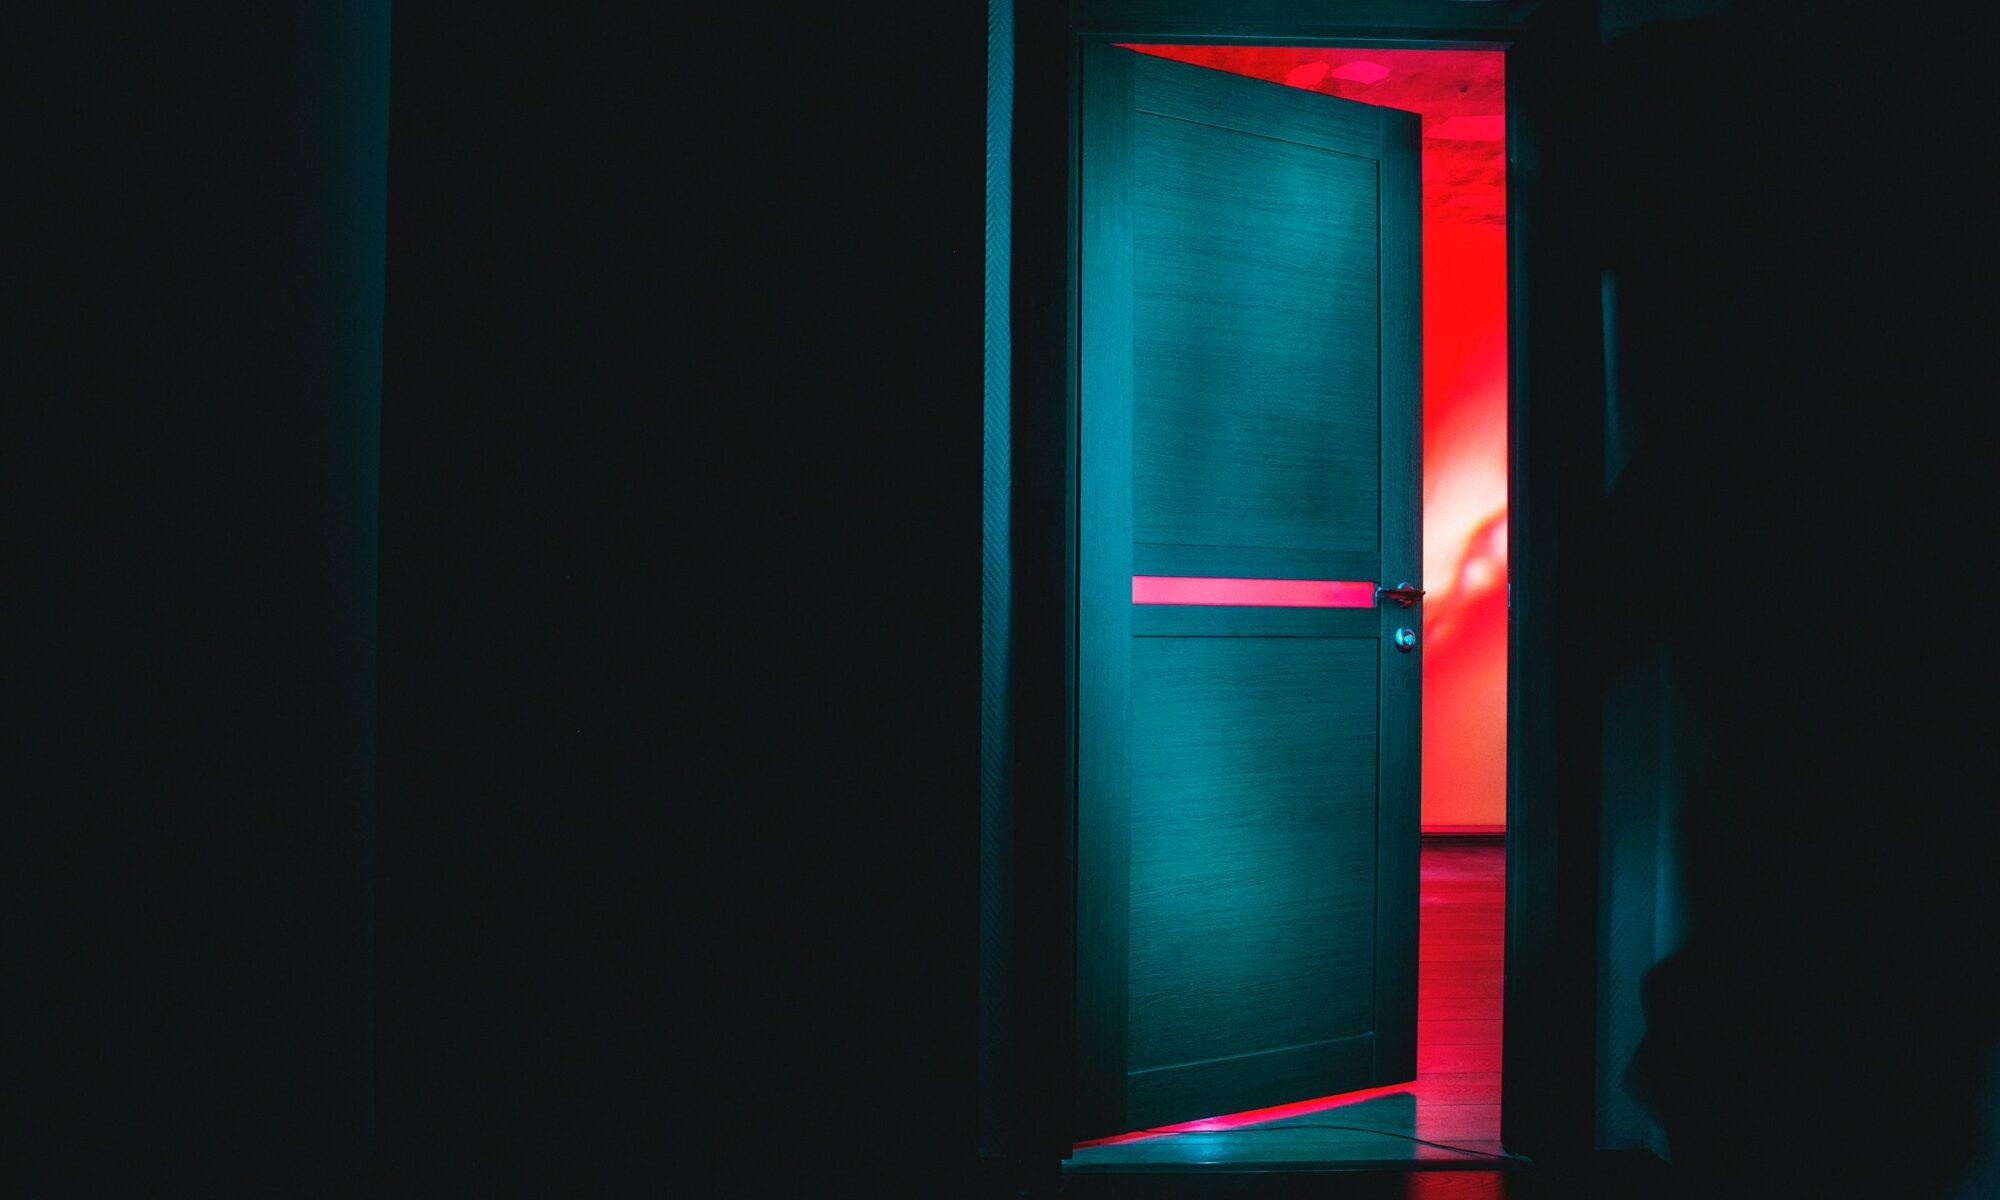 Ovi avautuu punaiseen valoon